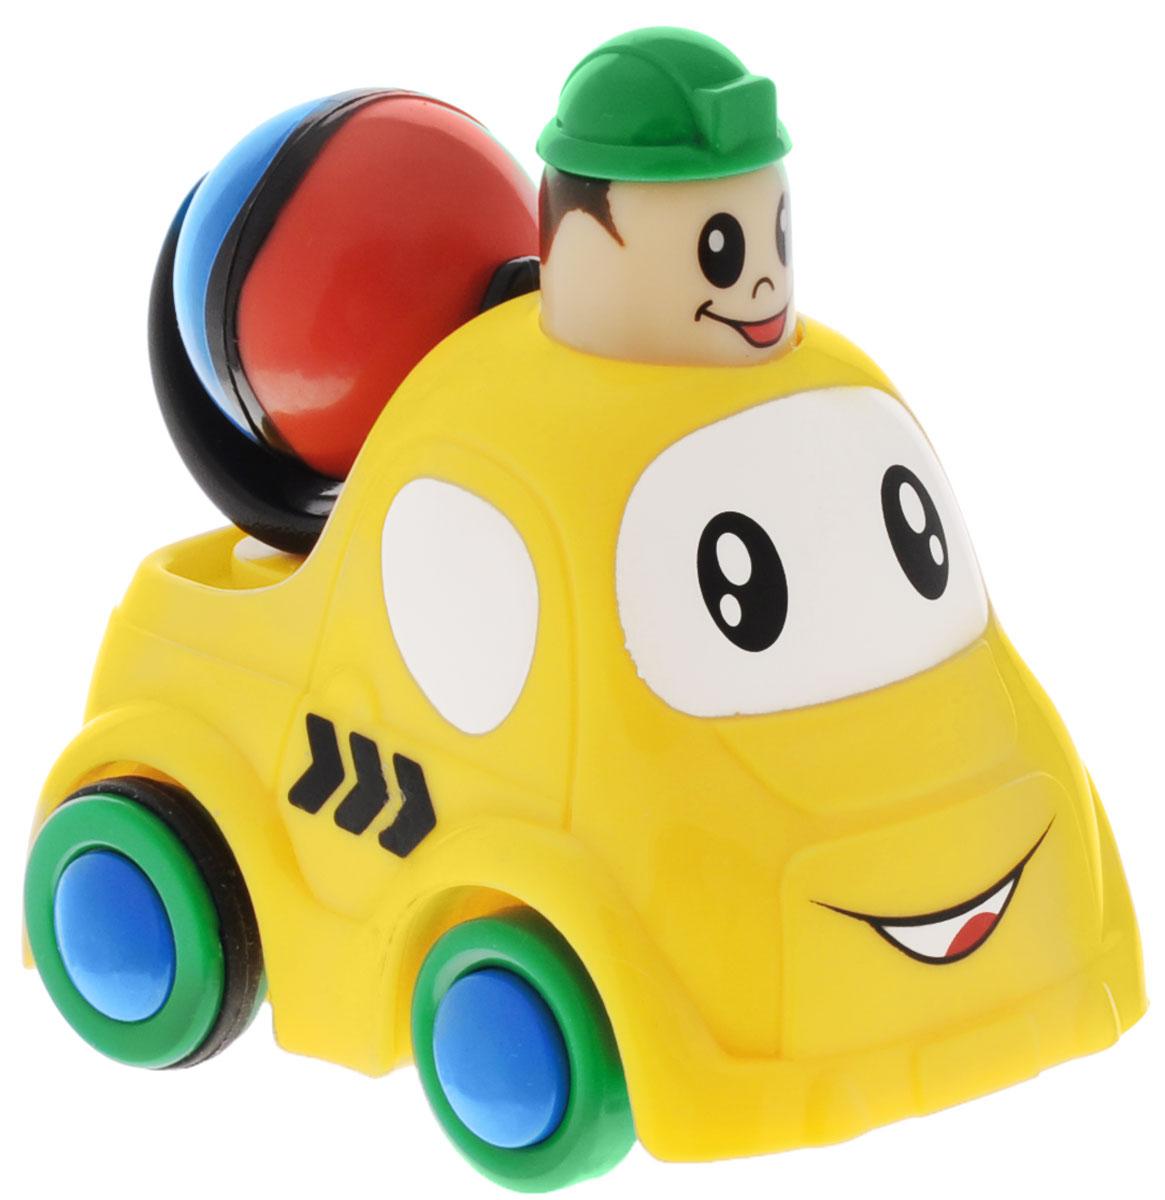 Simba Инерционная Мини-машинка цвет желтый4019516_желтыйМини-машинка Simba привлечет внимание вашего ребенка и надолго останется его любимой игрушкой. Плавные формы без острых углов, яркие цвета - все это выгодно выделяет эту игрушку из ряда подобных. Игрушка оснащена инерционным ходом. Если нажать на голову водителя, вдавив ее внутрь, а затем отпустить - и она быстро поедет вперед. Машинка развивает концентрацию внимания, координацию движений, мелкую моторику рук, цветовое восприятие и воображение. Малыш будет часами играть с этой машинкой, придумывая разные истории.